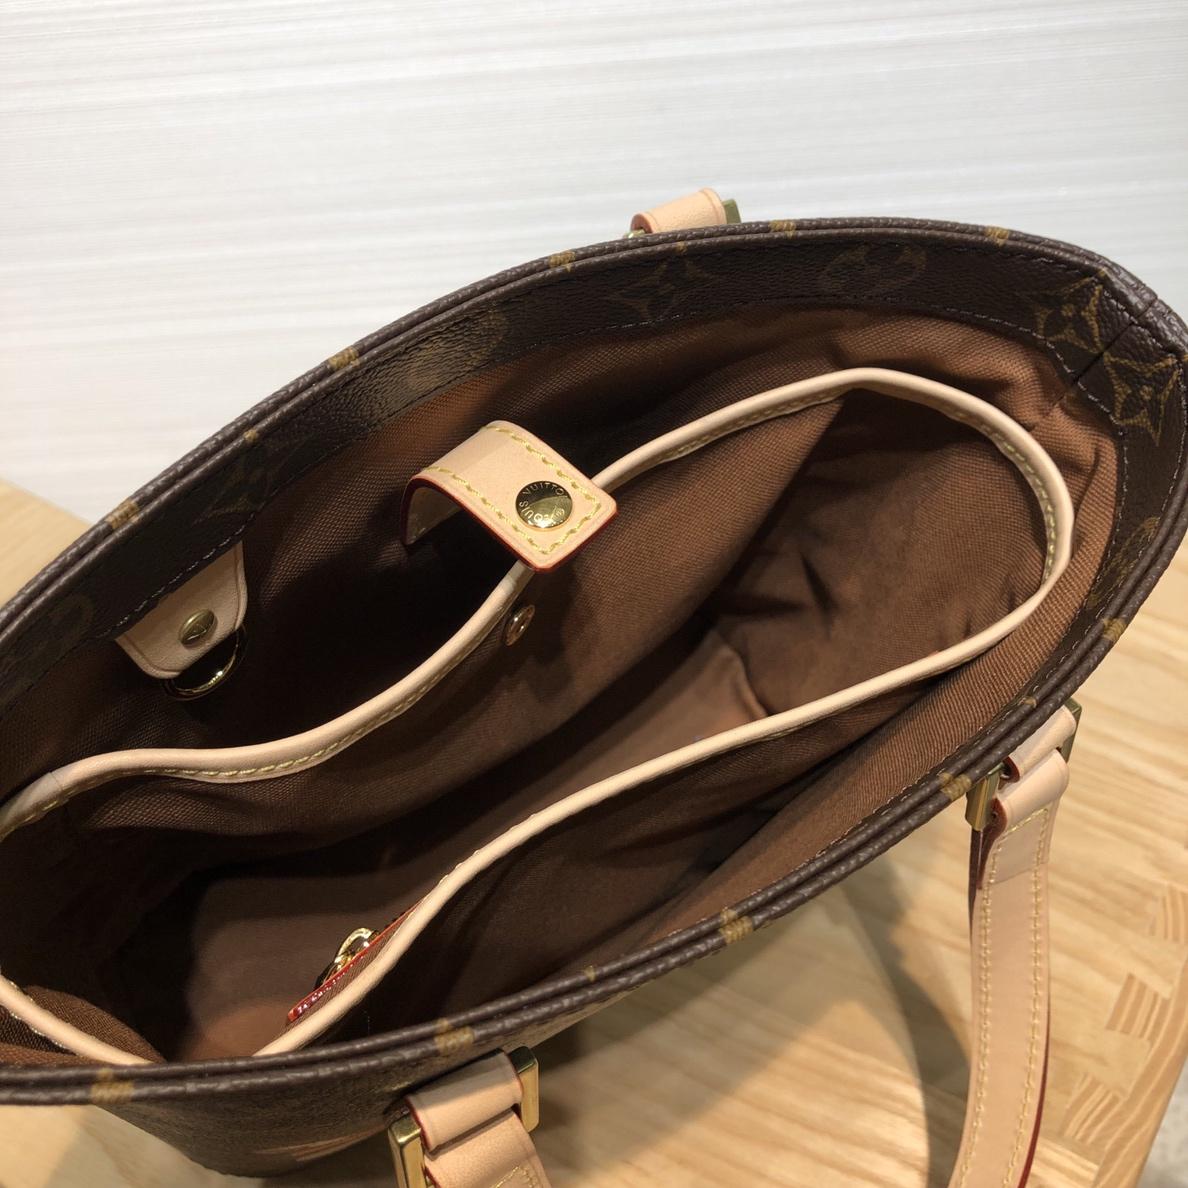 【¥750】广州包包批发 LV村上隆合作限量款手提袋50712 调皮可爱且独特的风格设计